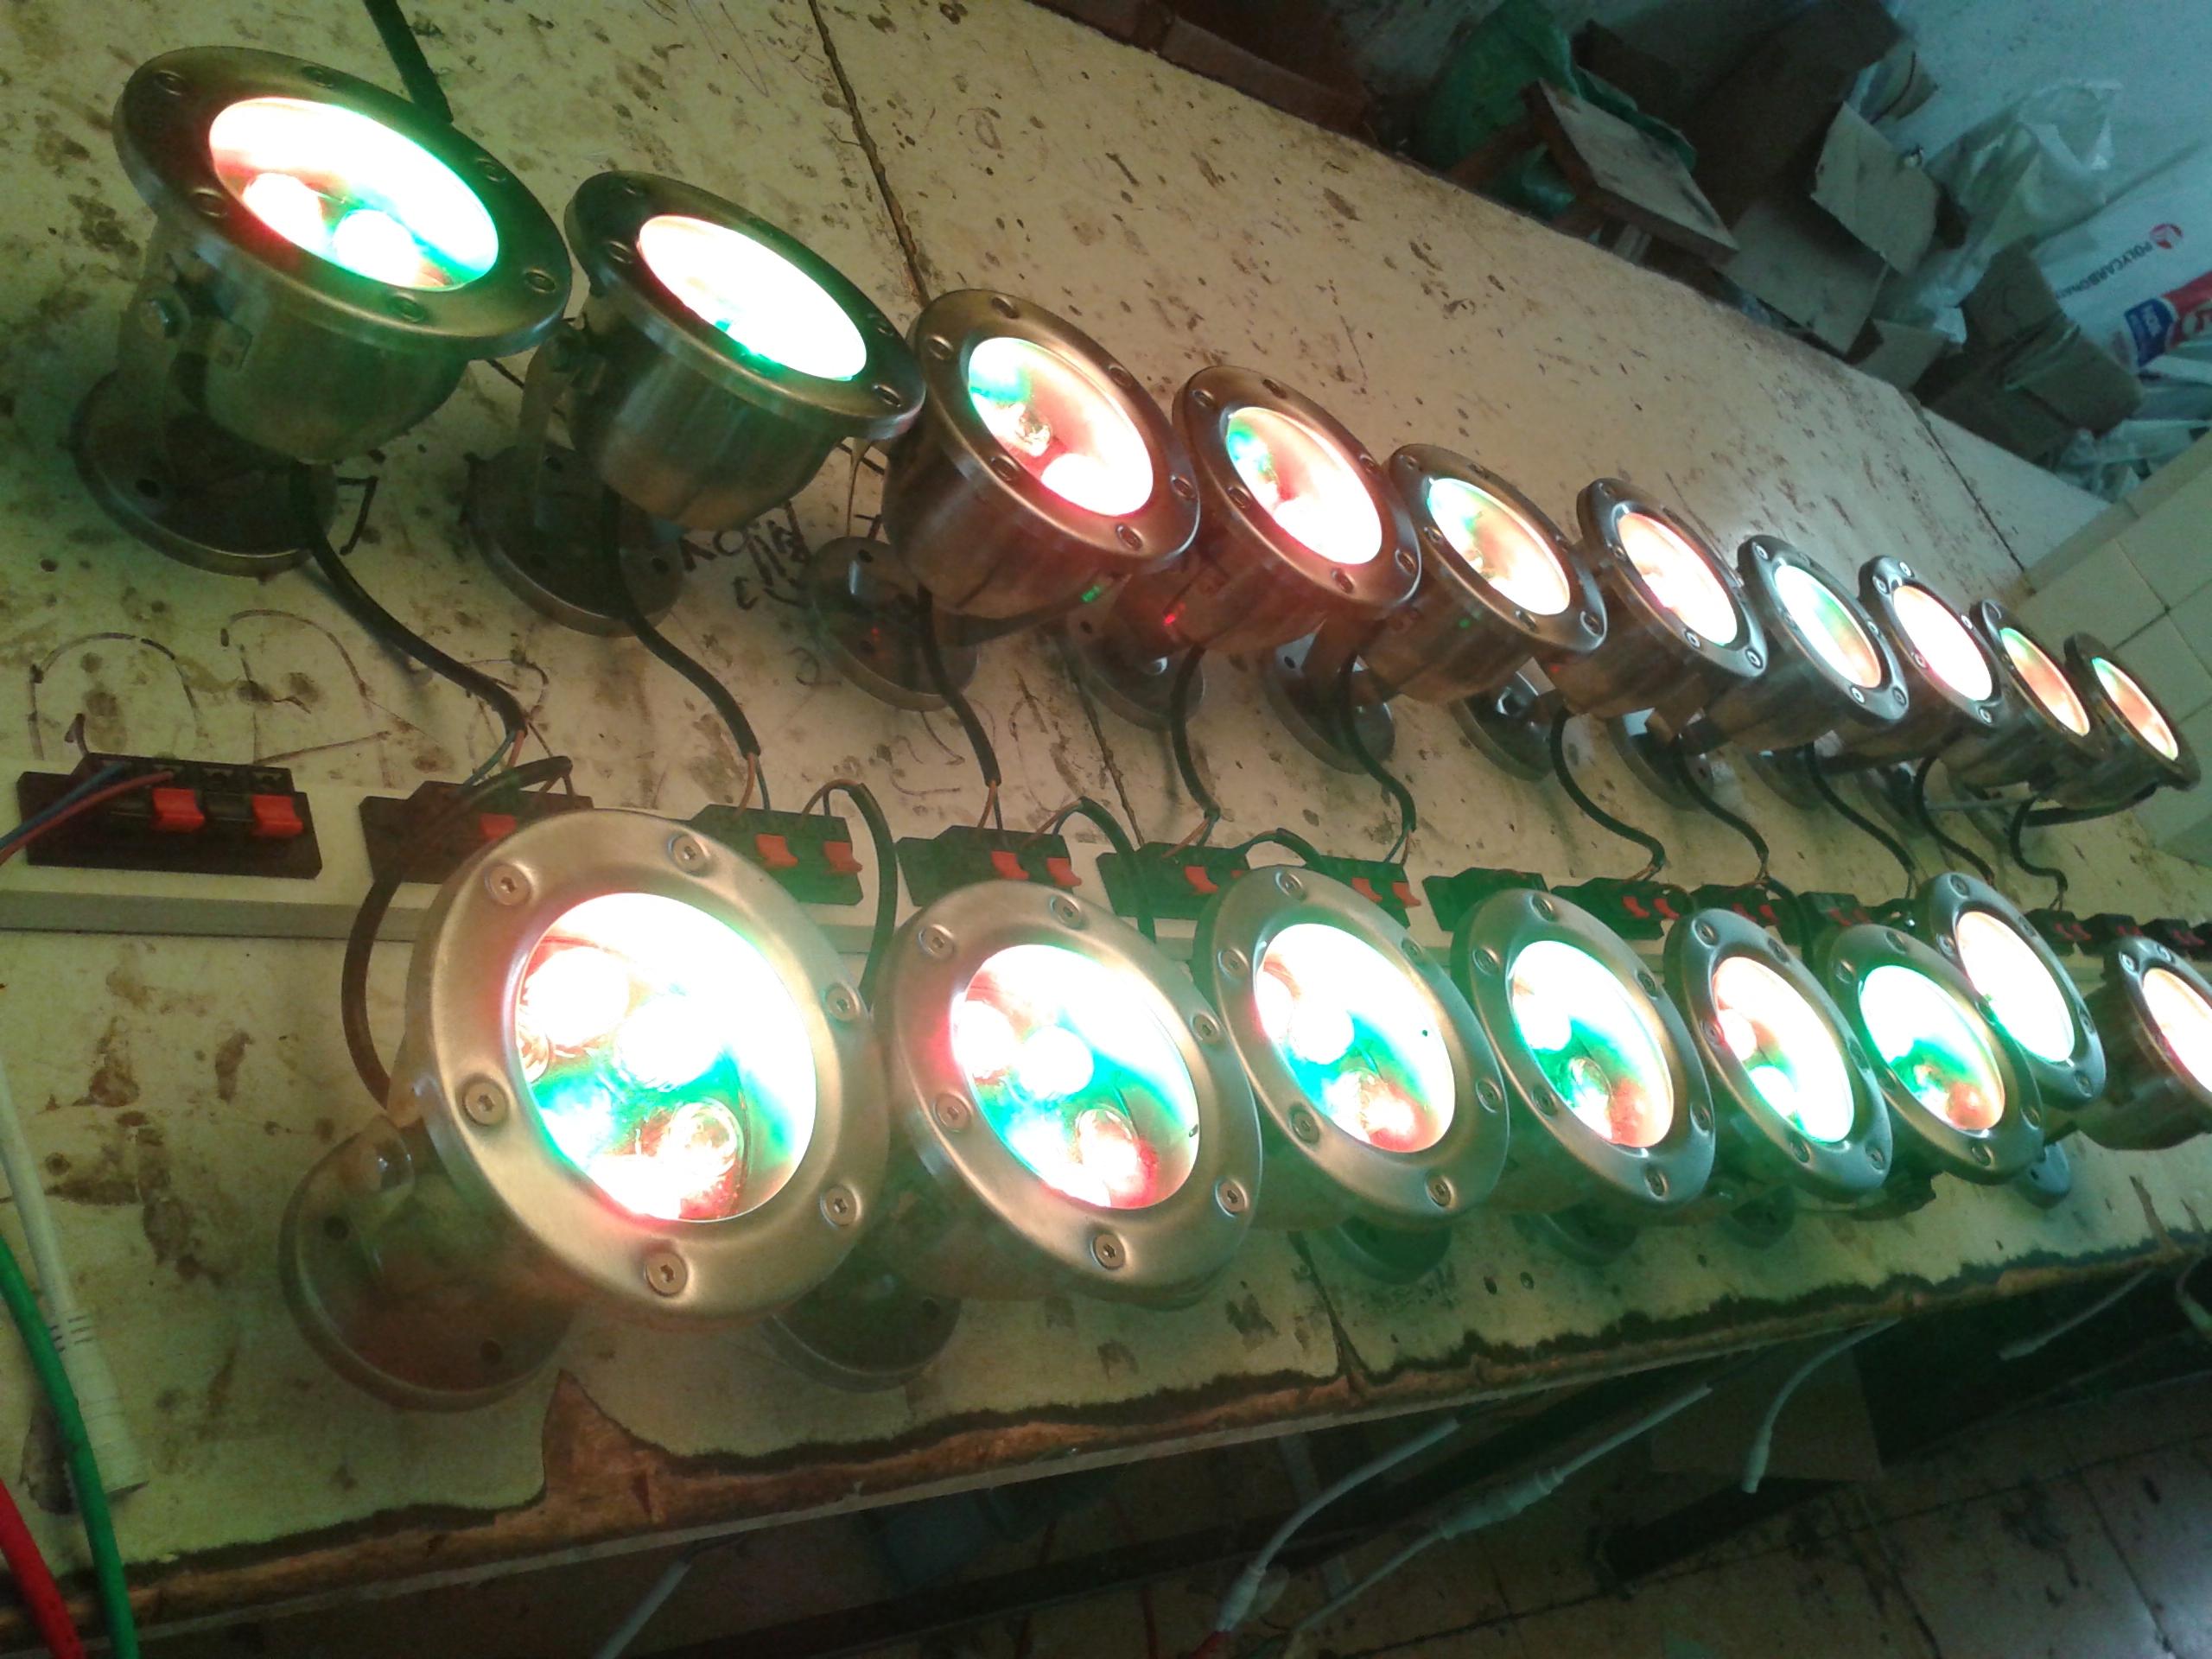 厂家直销喷泉灯 七彩水底灯厂家 不锈钢面水底喷泉灯